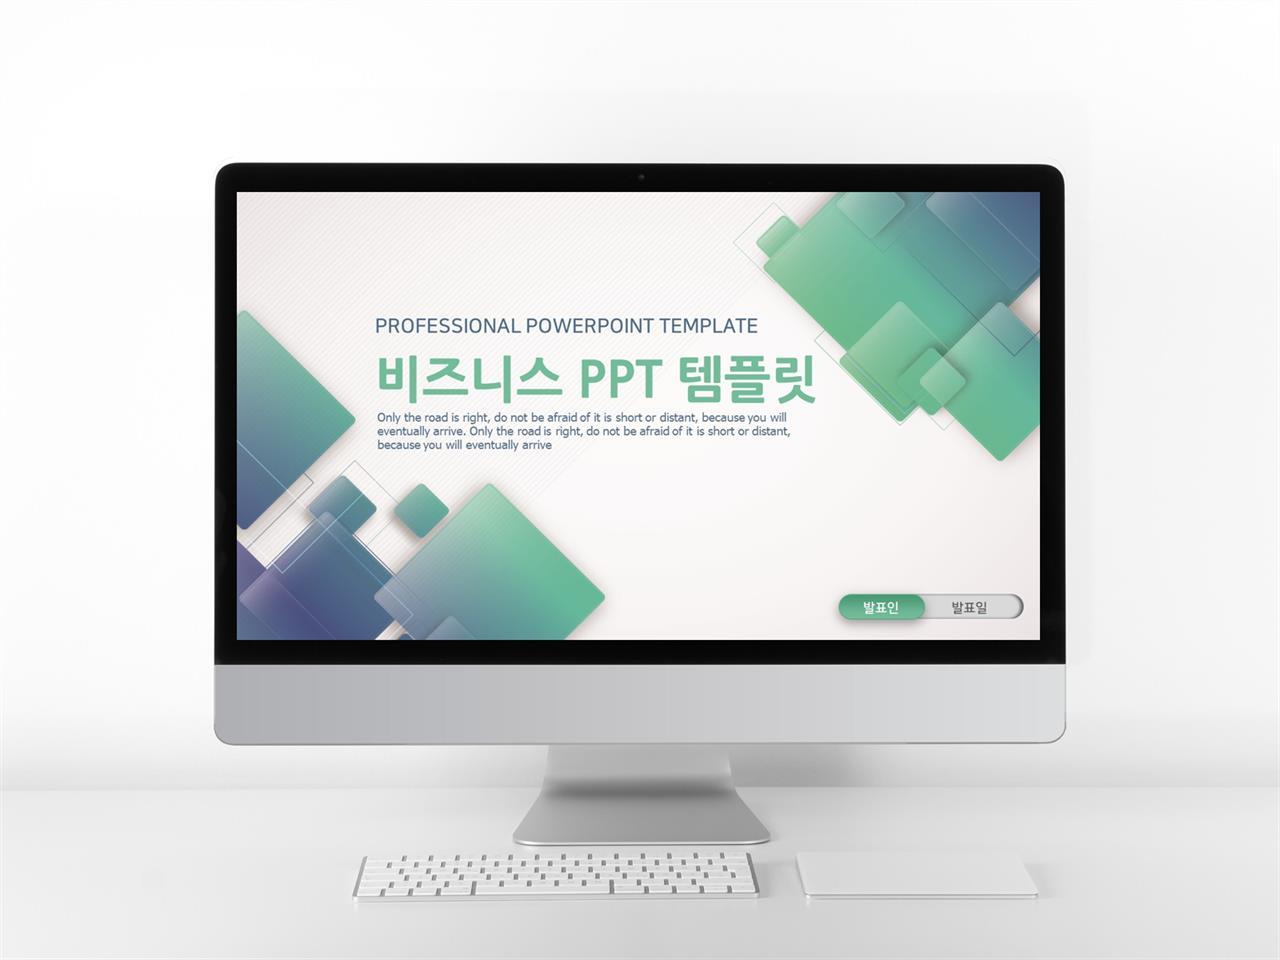 금융투자 초록색 화려한 프레젠테이션 파워포인트테마 만들기 미리보기